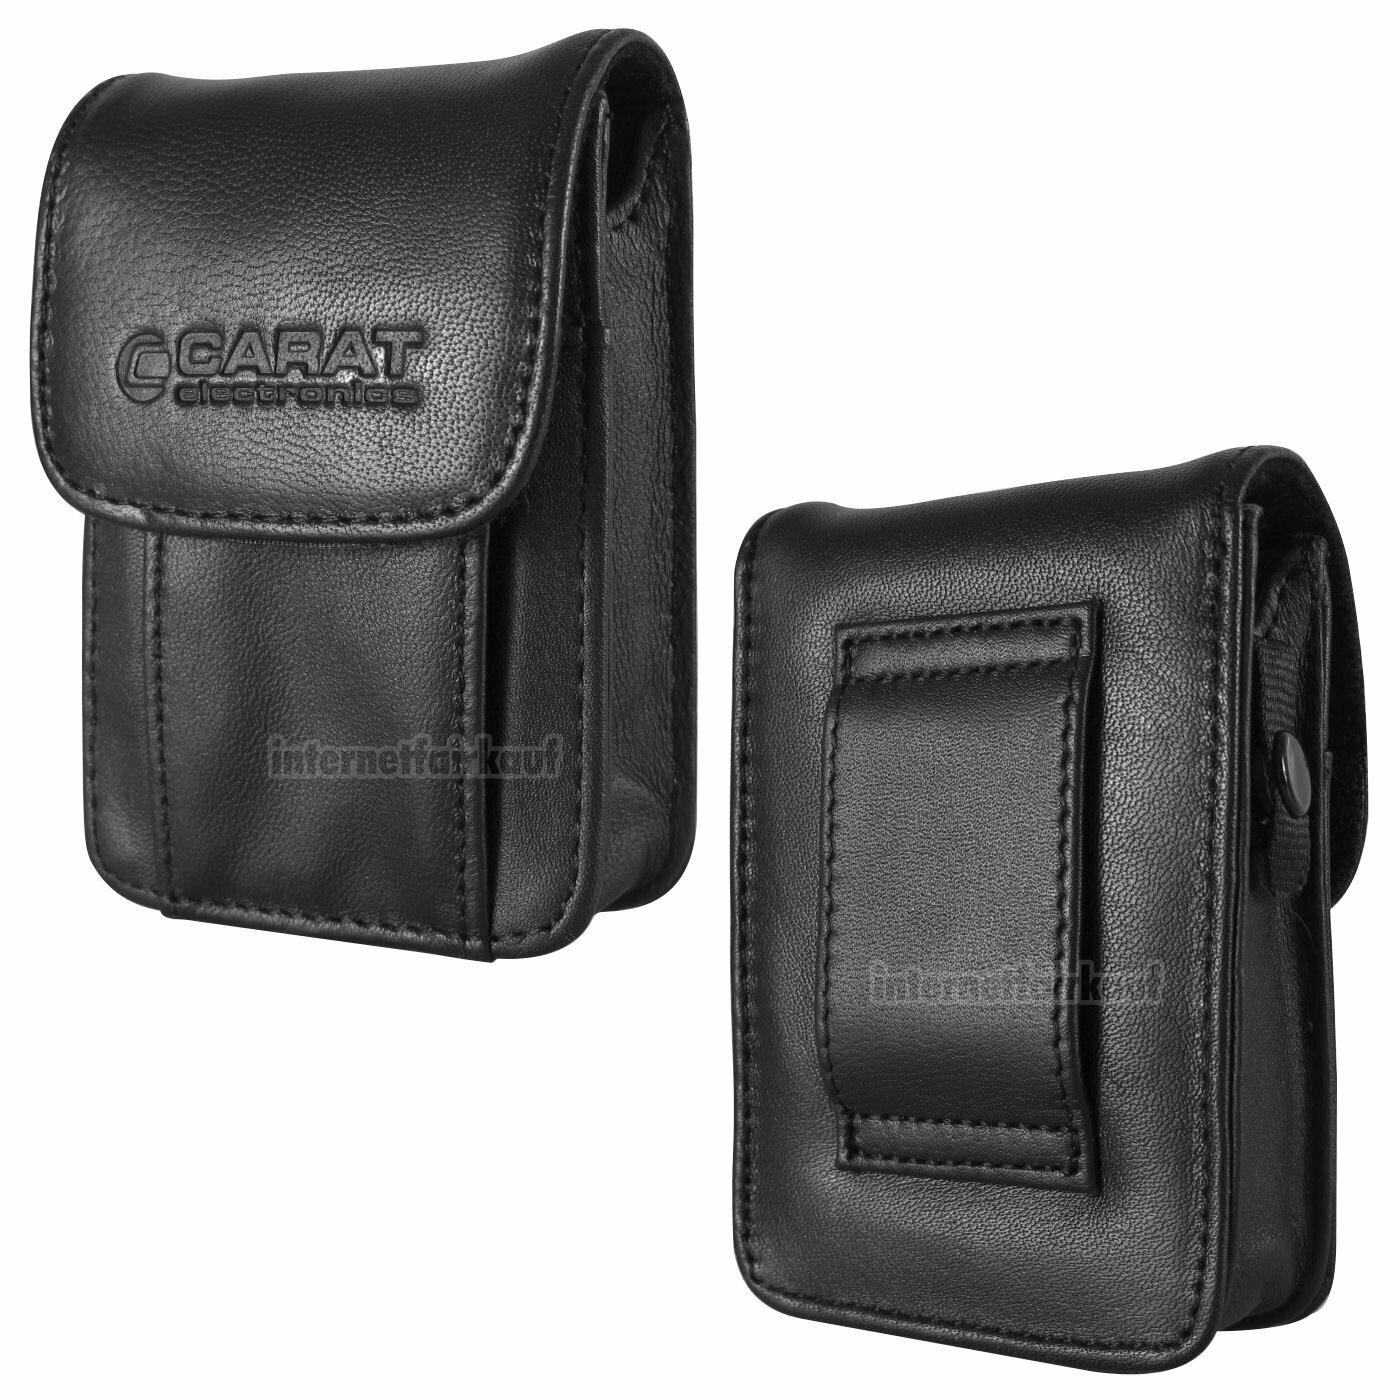 Tasche Kameratasche passend für Panasonic Lumix DMC-FT30 - Leder Etui